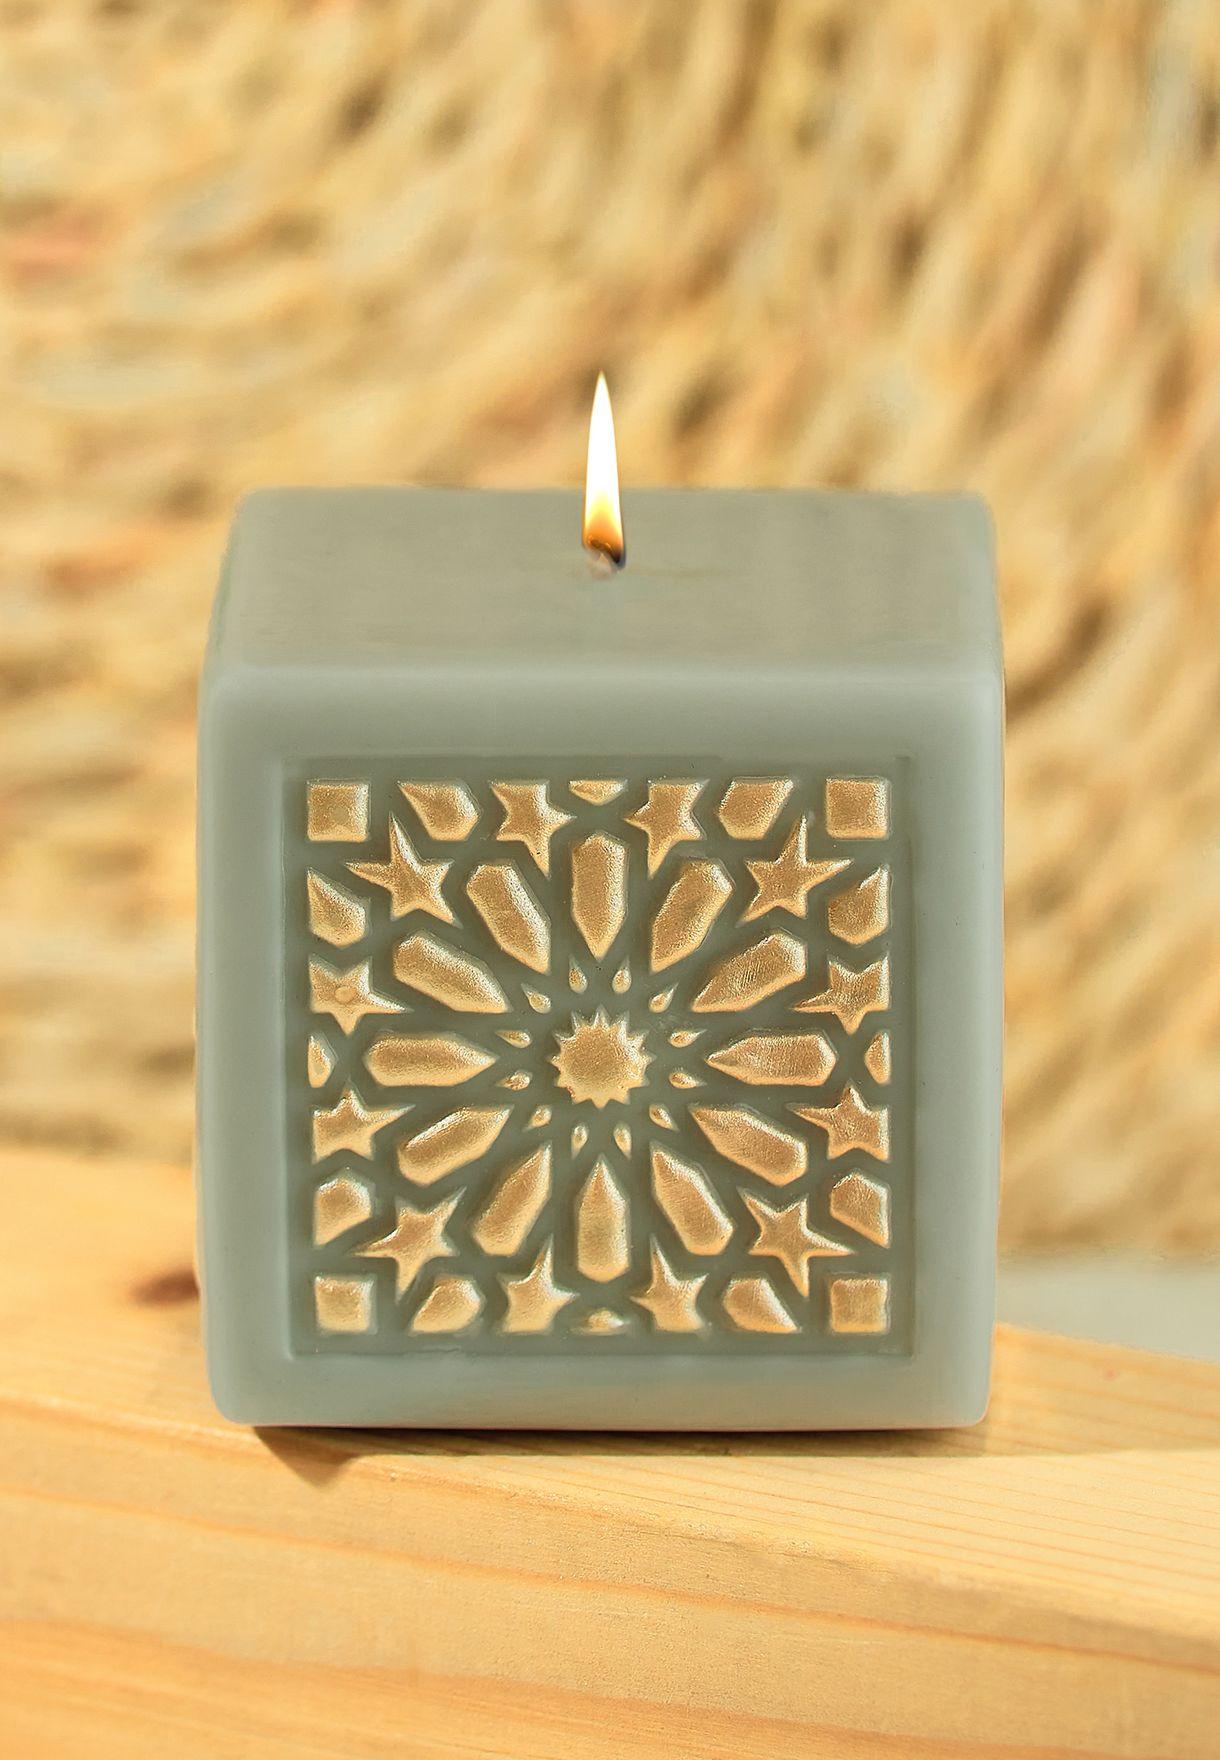 شمعة عطرية نور